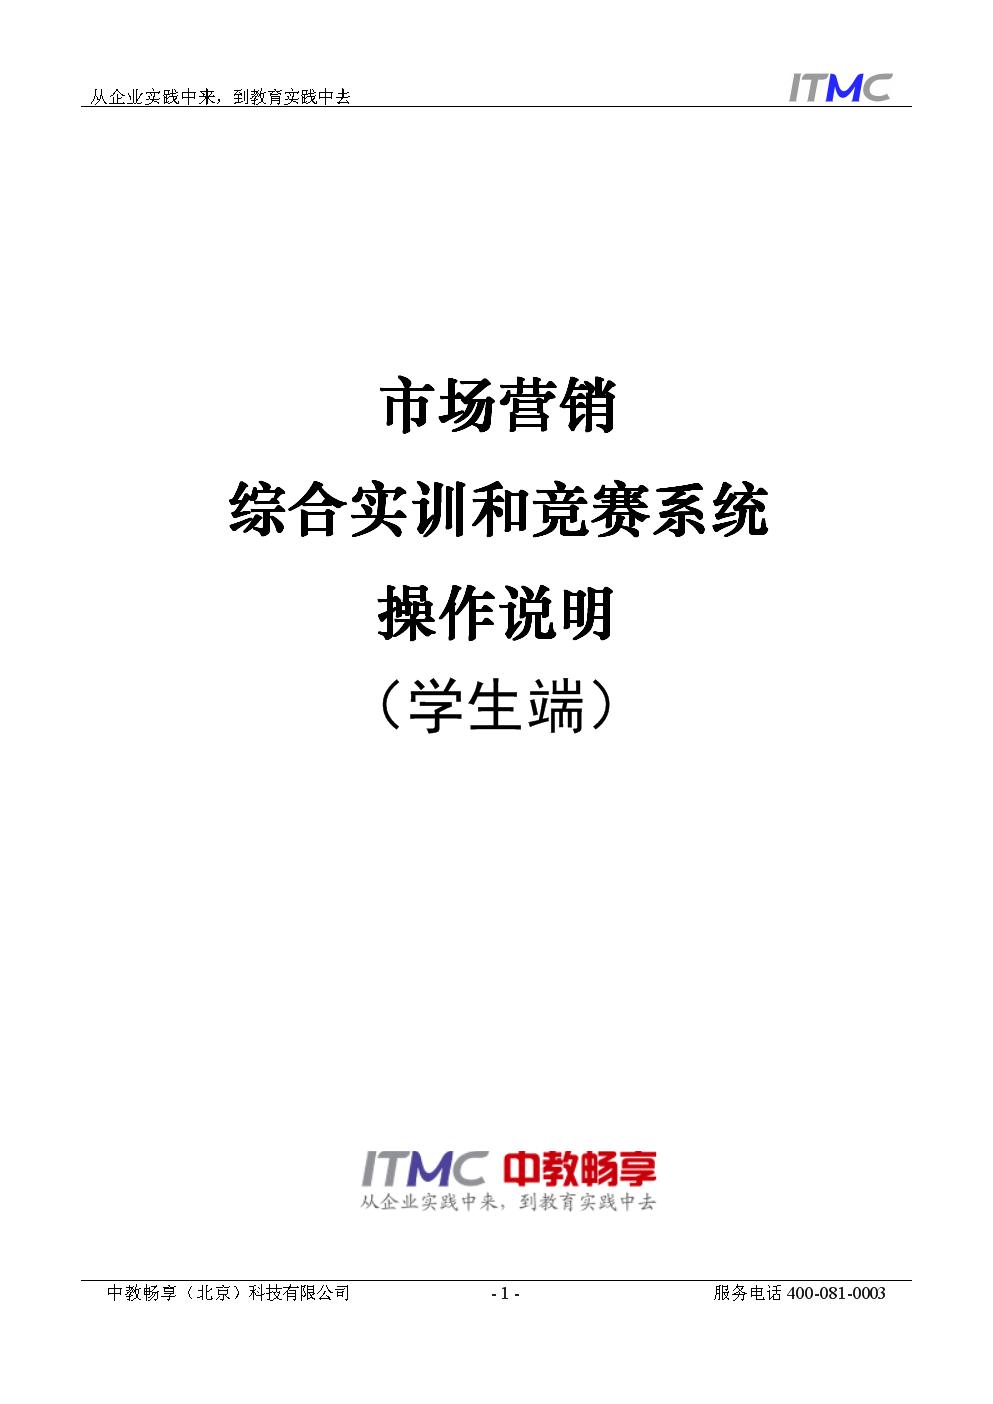 市场营销综合实训和竞赛系统学生手册(1).doc